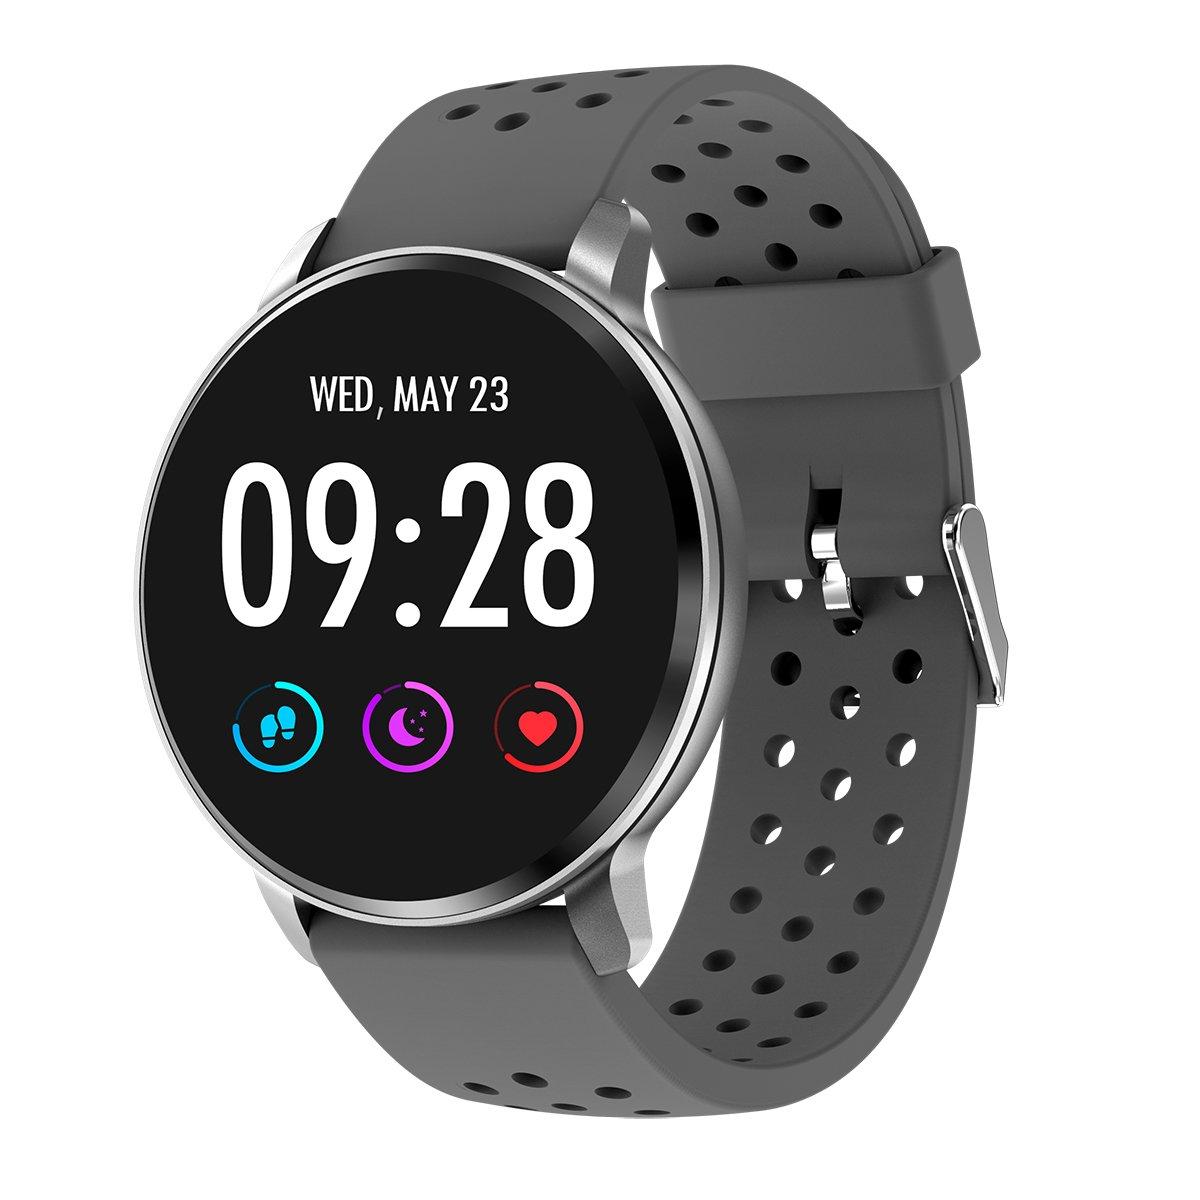 Đồng hồ thông minh Tuxedo TX-SN11 cao cấp, màn hình tự thiết kế